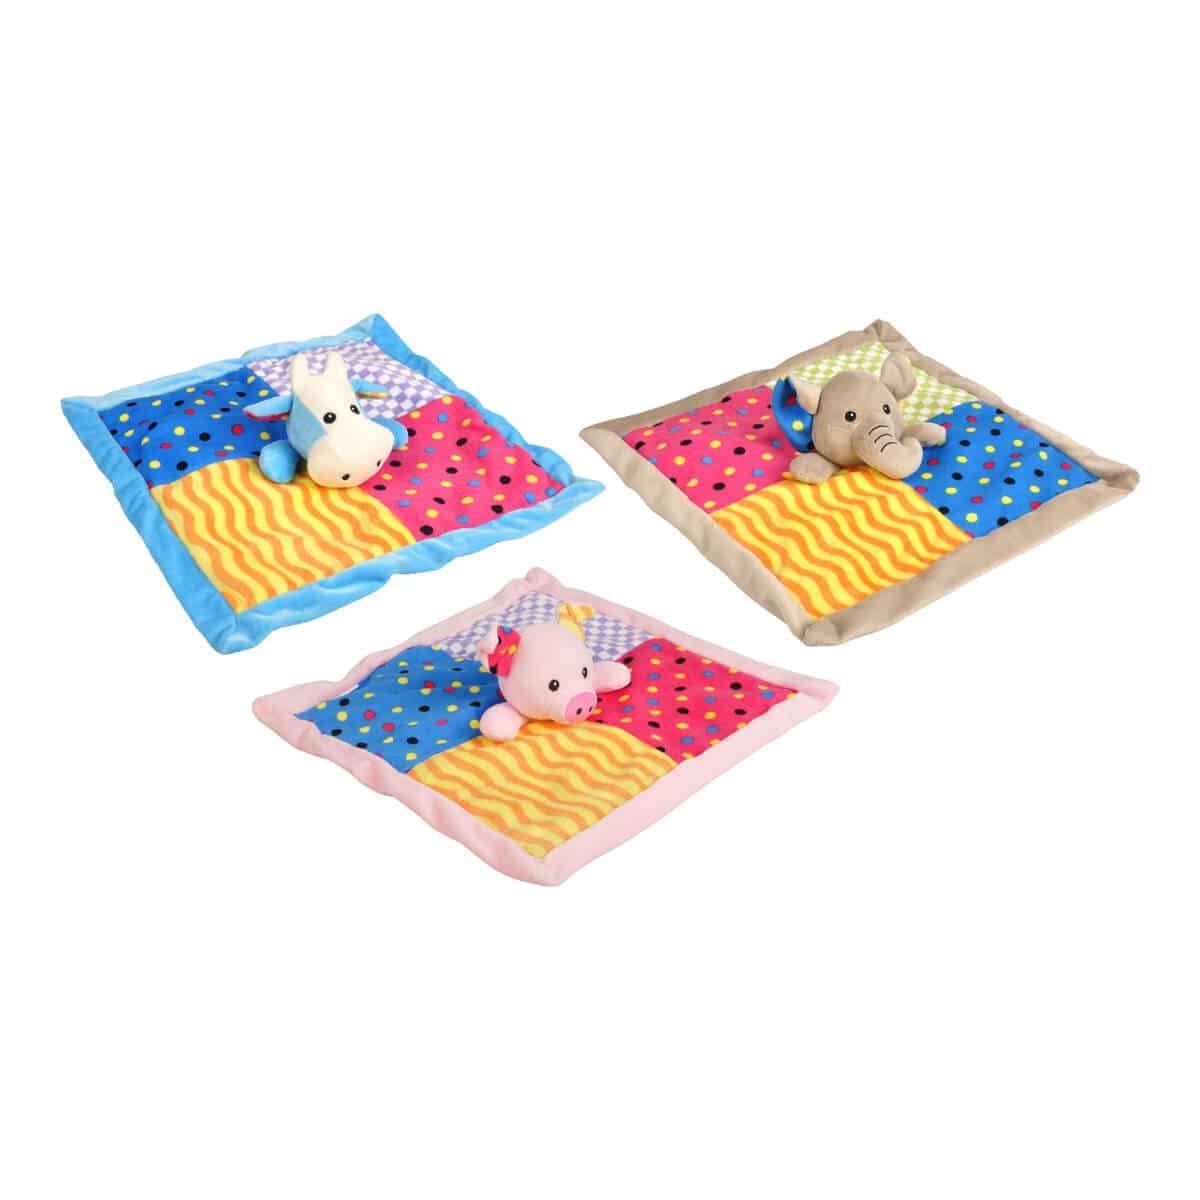 peluche2_juguetes y accesorios